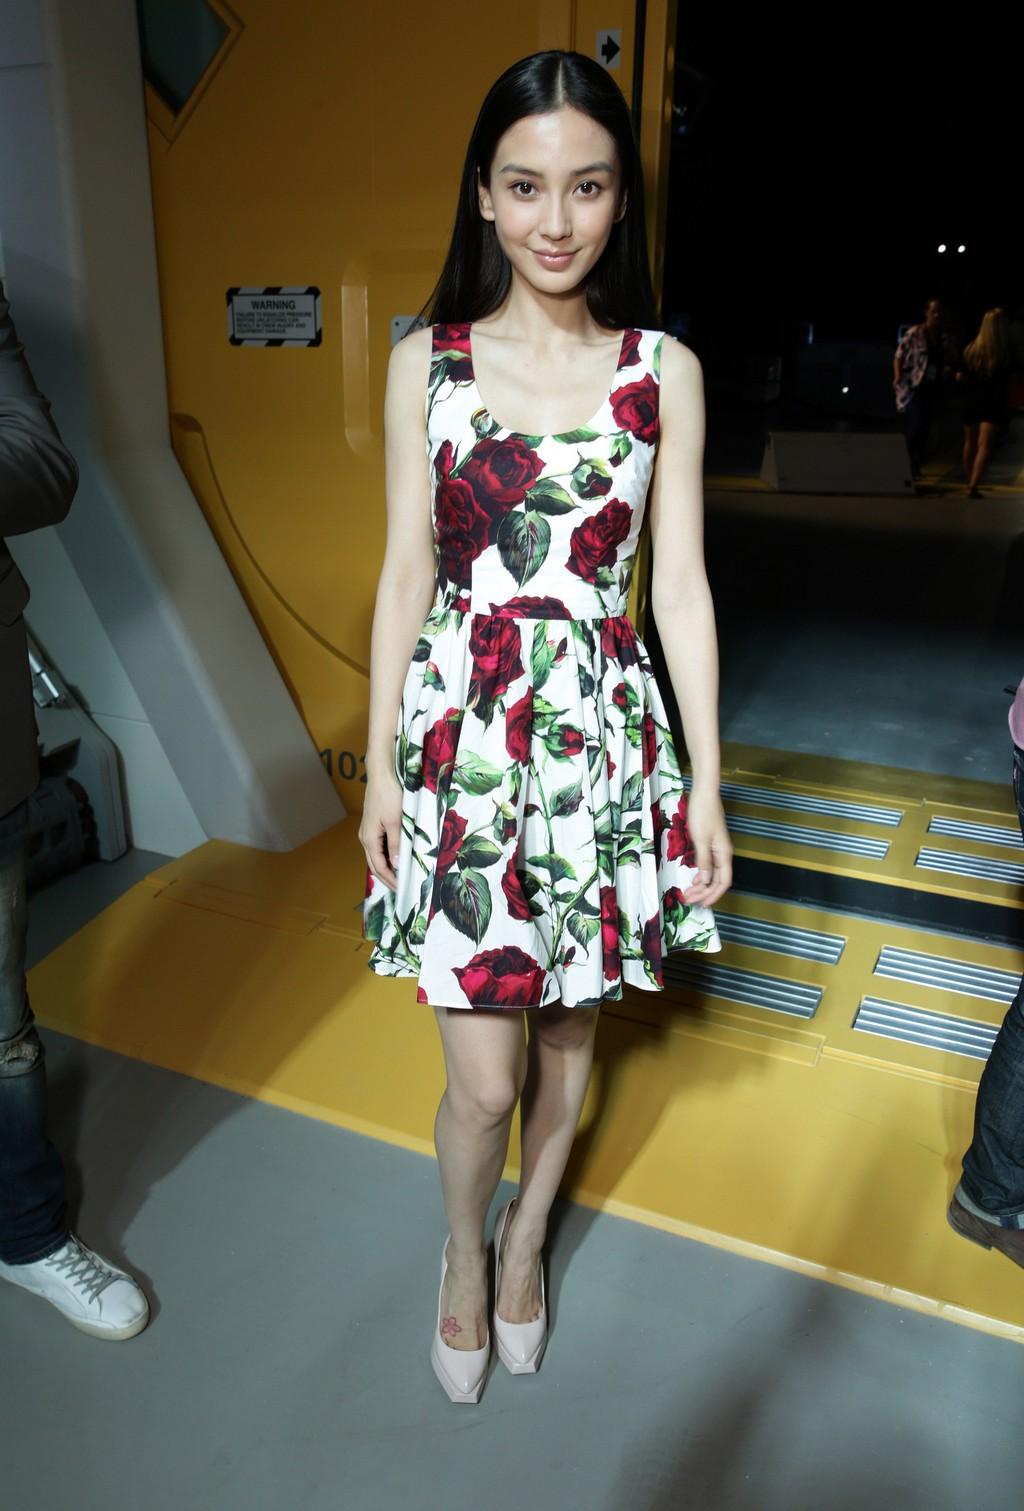 grace huang actress age